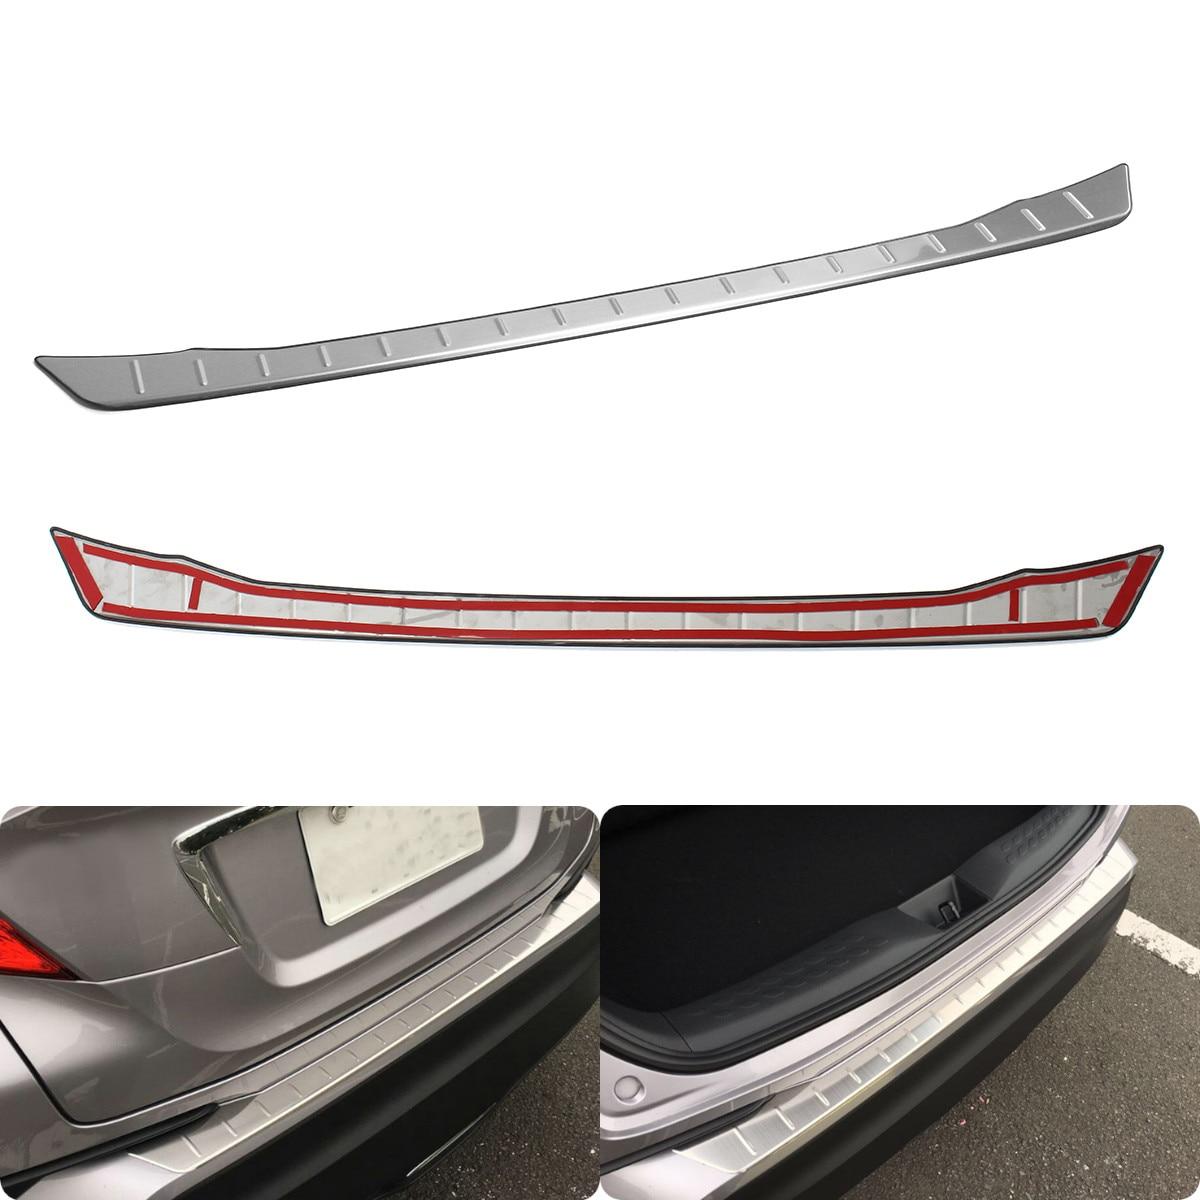 Garniture de plaque de protection de plaque arrière d'aile de roue de garniture de coffre arrière d'acier inoxydable pour Toyota CHR 2016 2017 2018